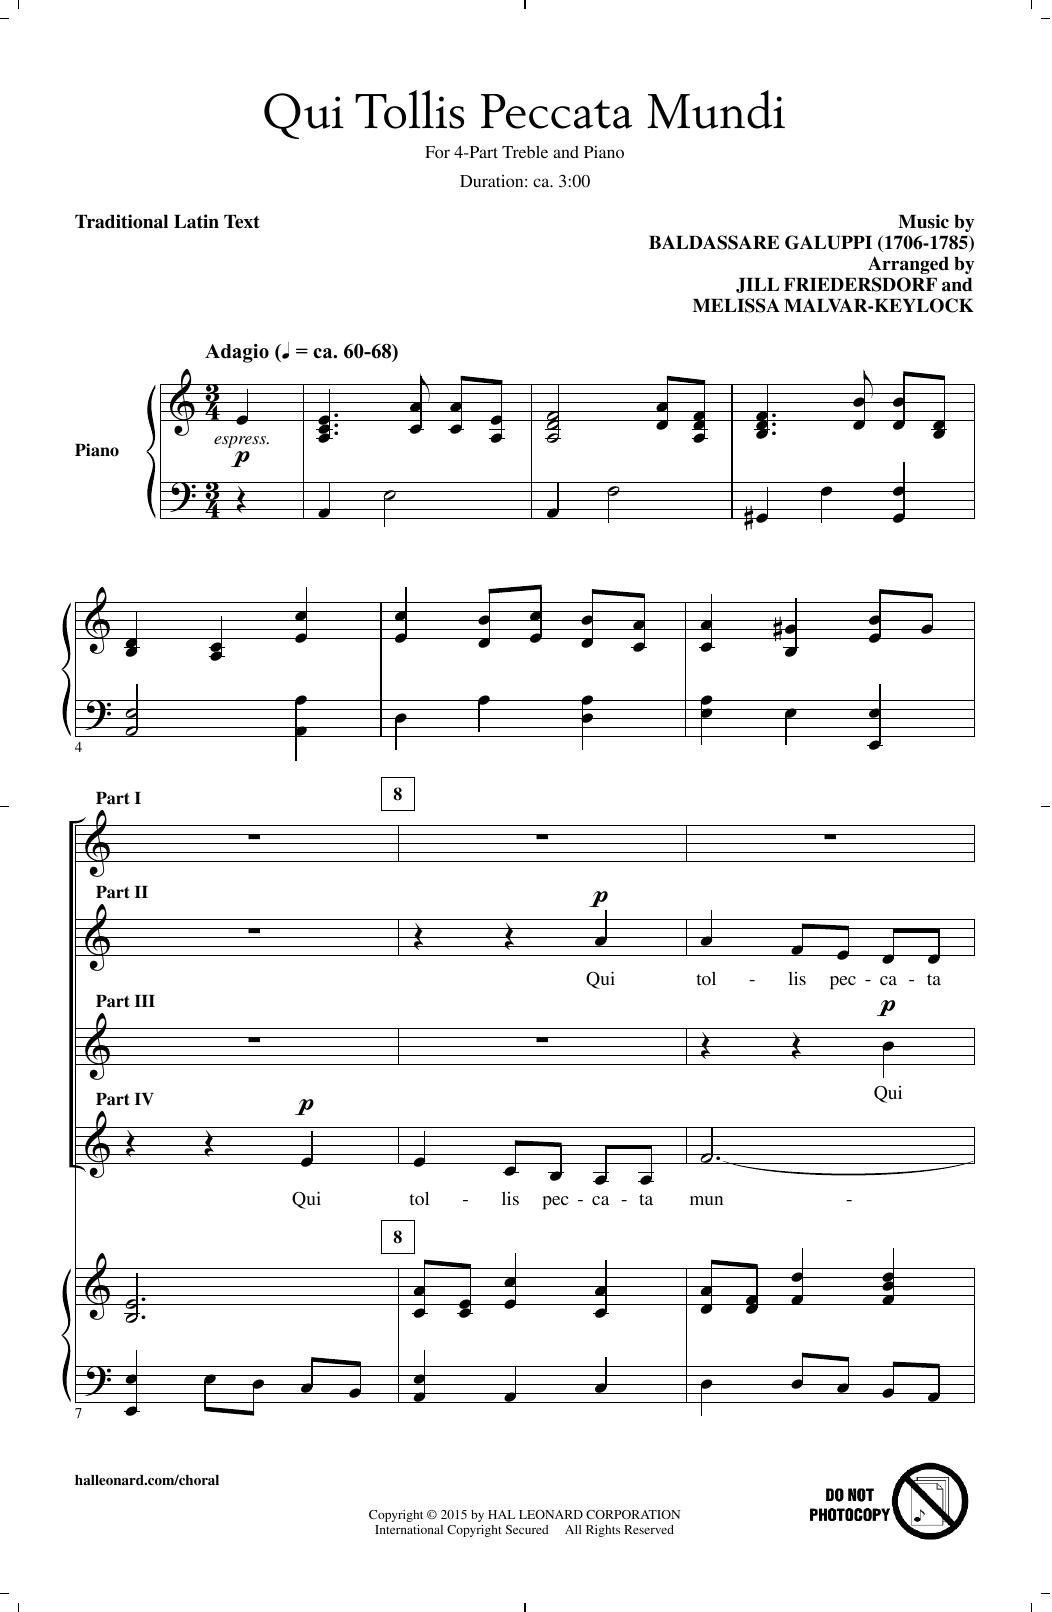 Baldassare Galuppi - Qui Tollis Peccata Mundi